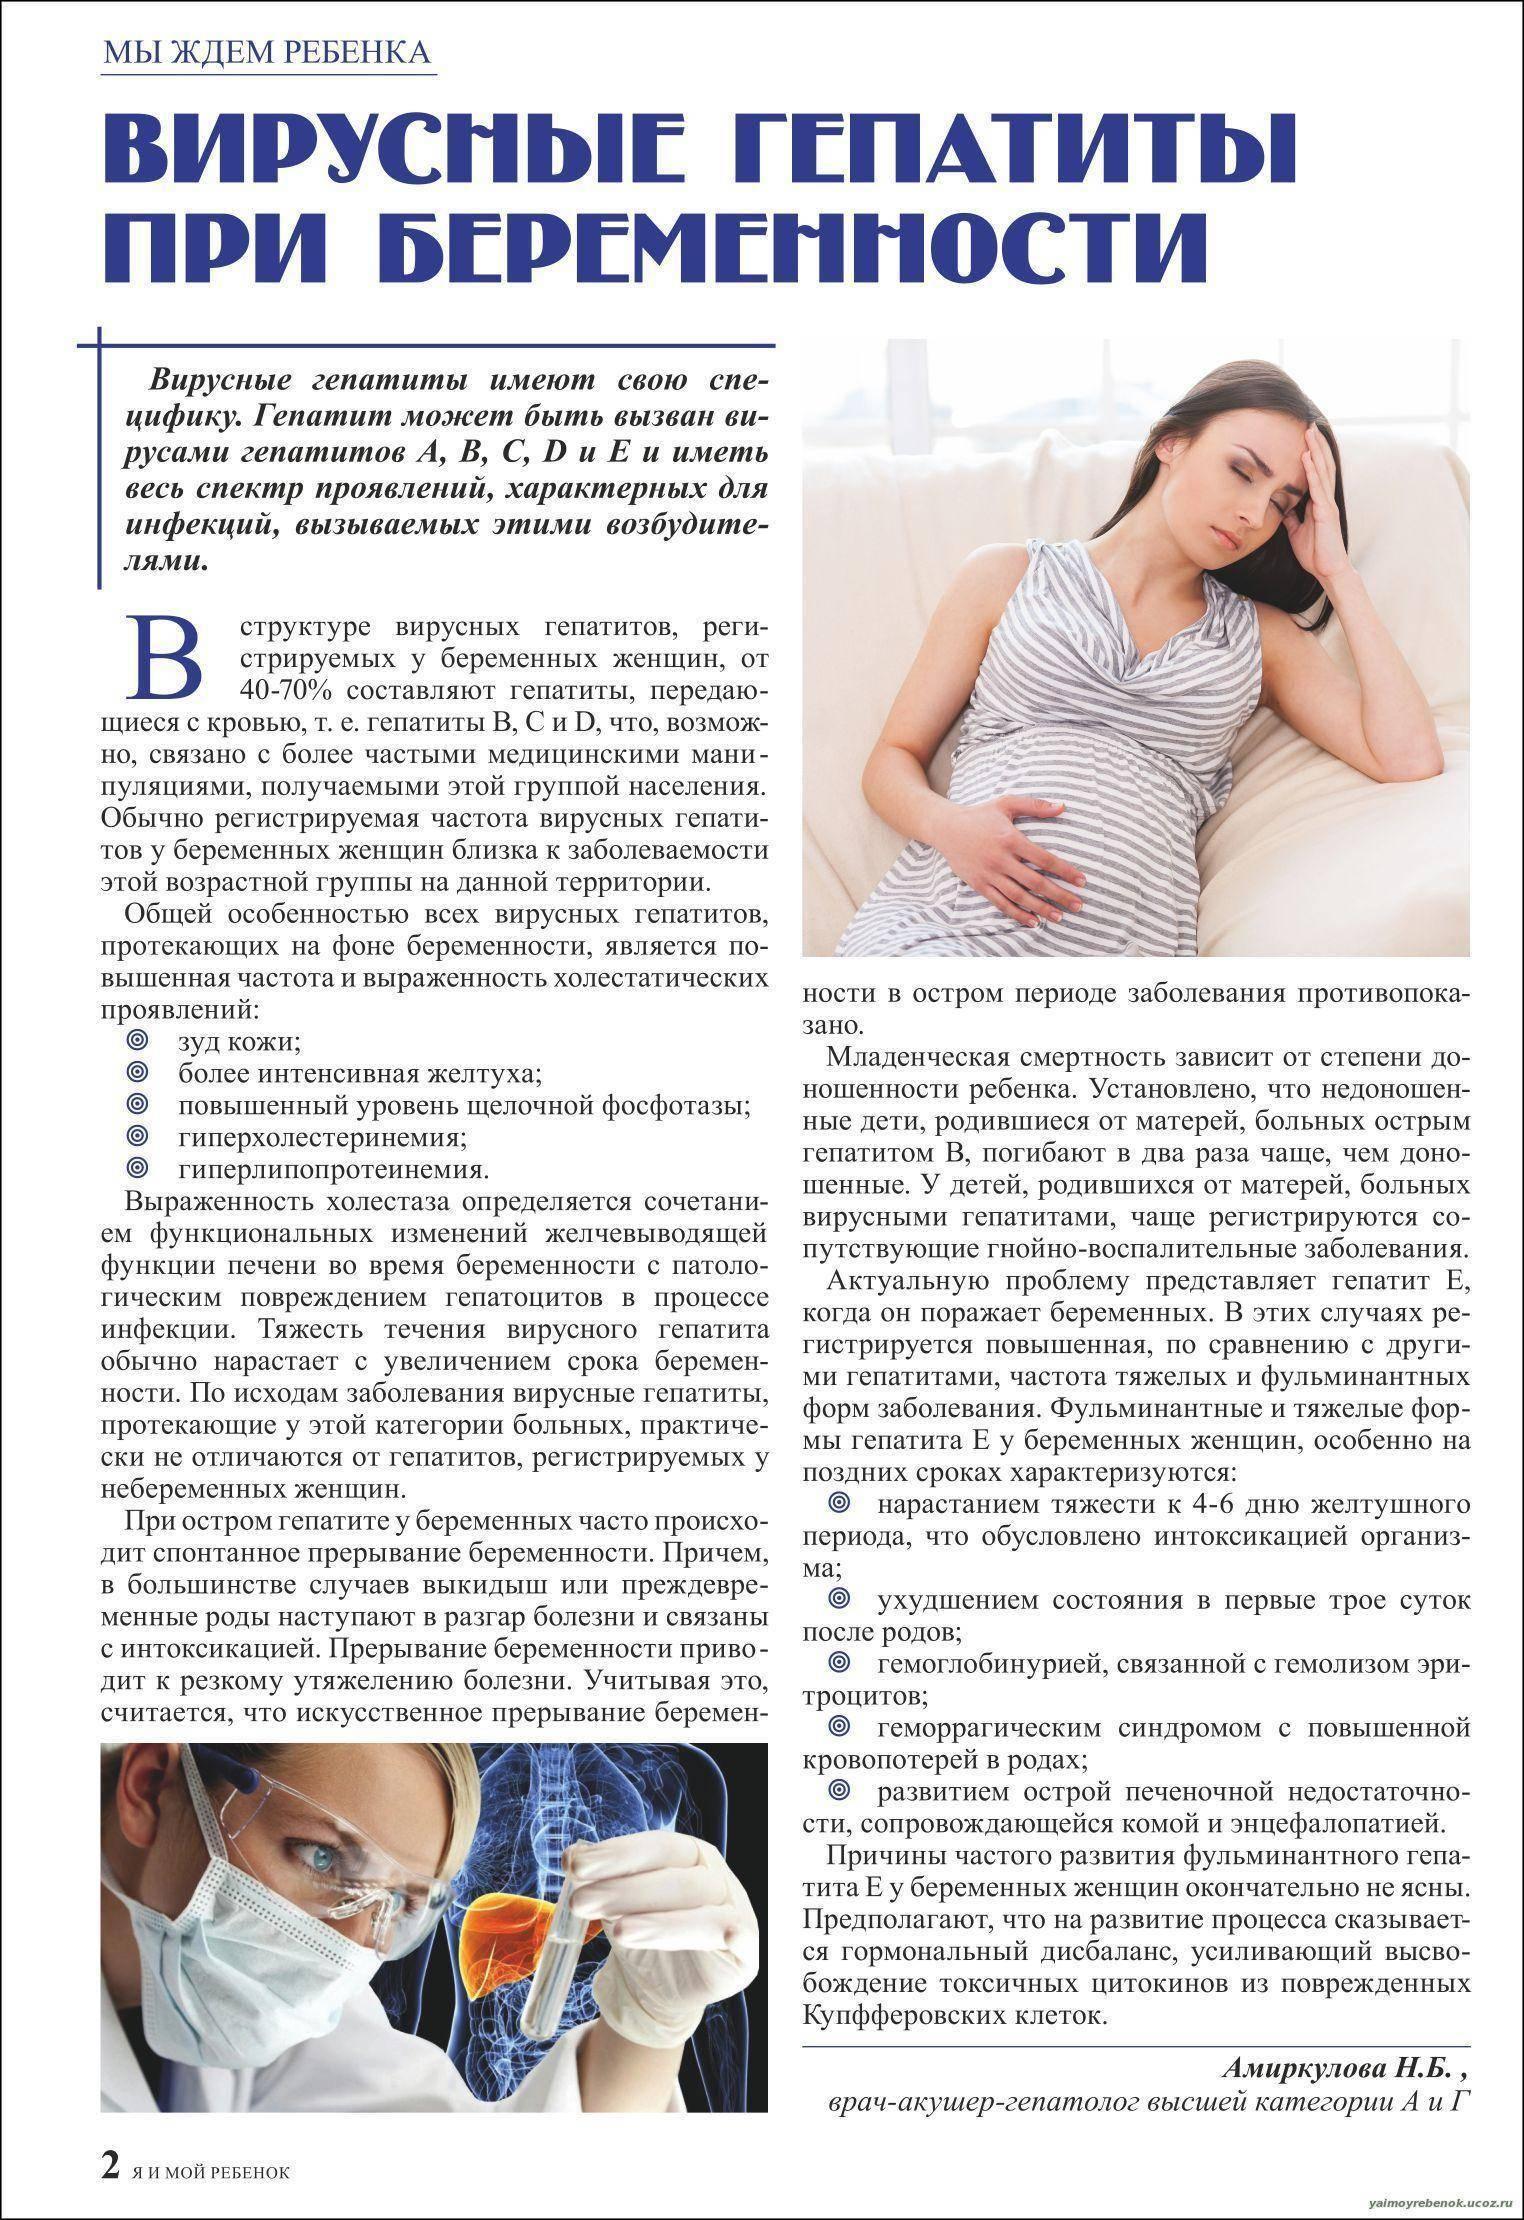 Хронический тонзиллит при беременности – влияние на плод и последствия для ребенка